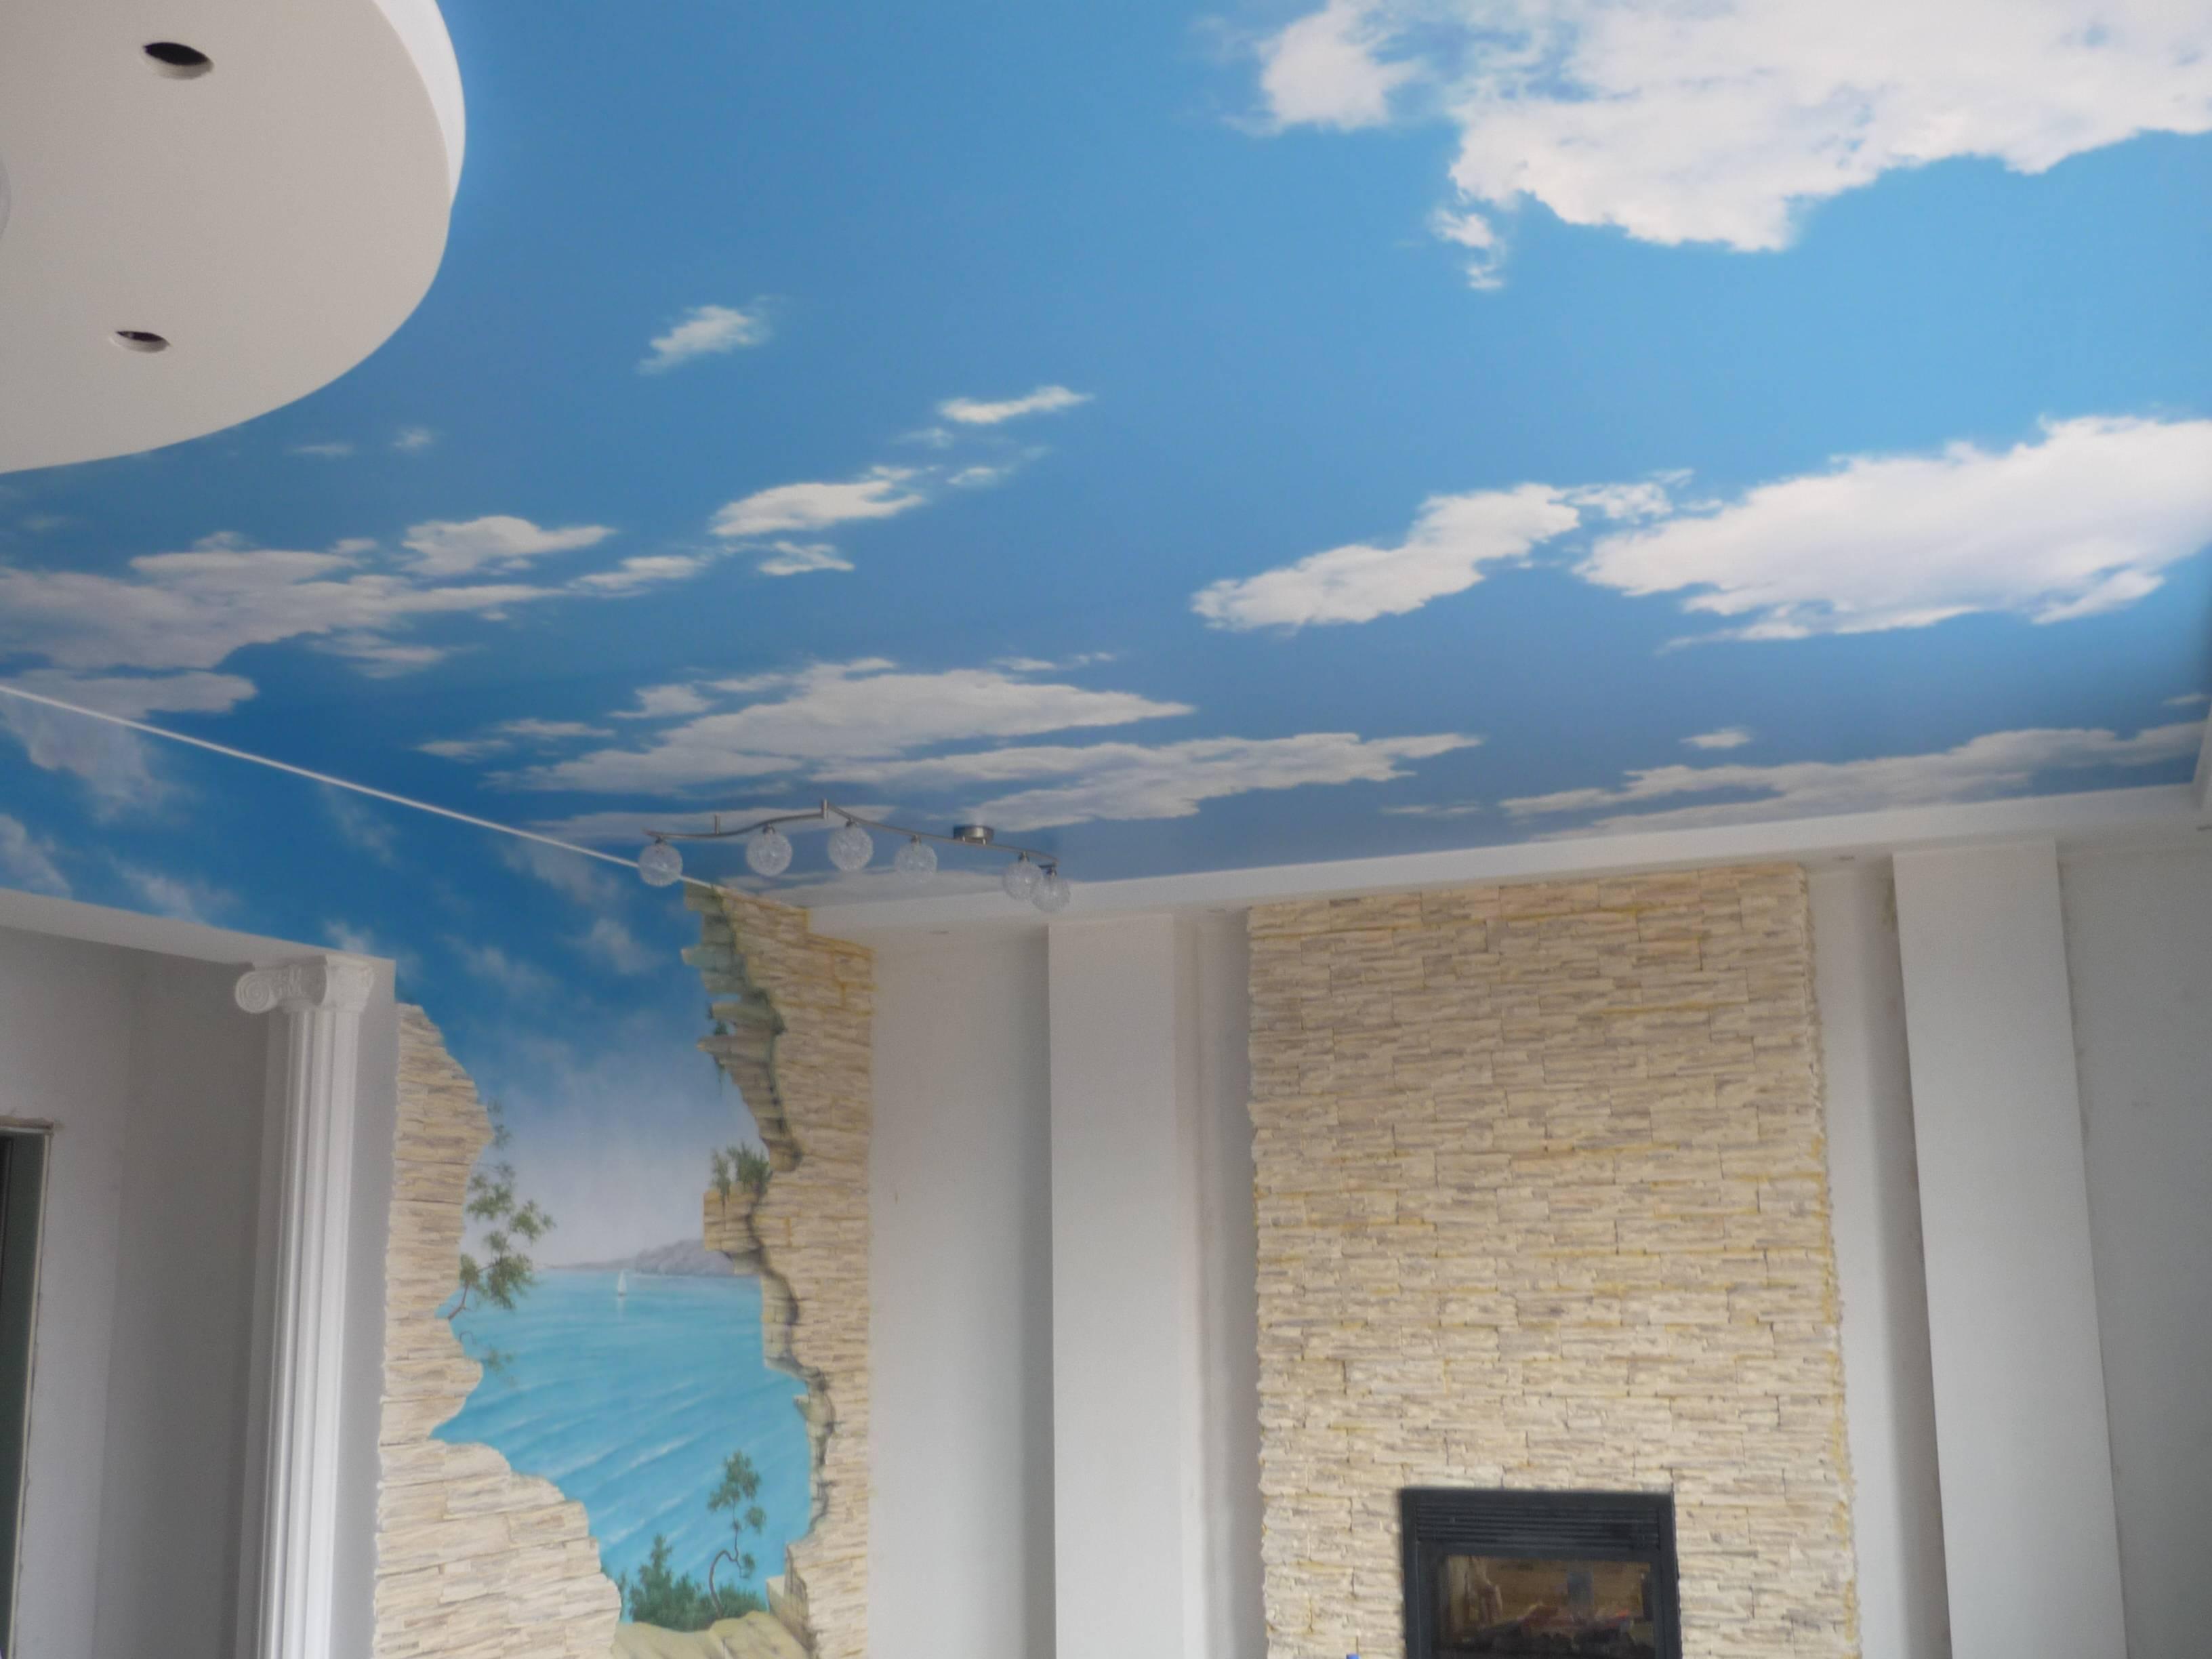 Натяжной потолок своими руками (115 фото): технология установки, как правильно делают монтаж, устанавливаются до поклейки обоев или после